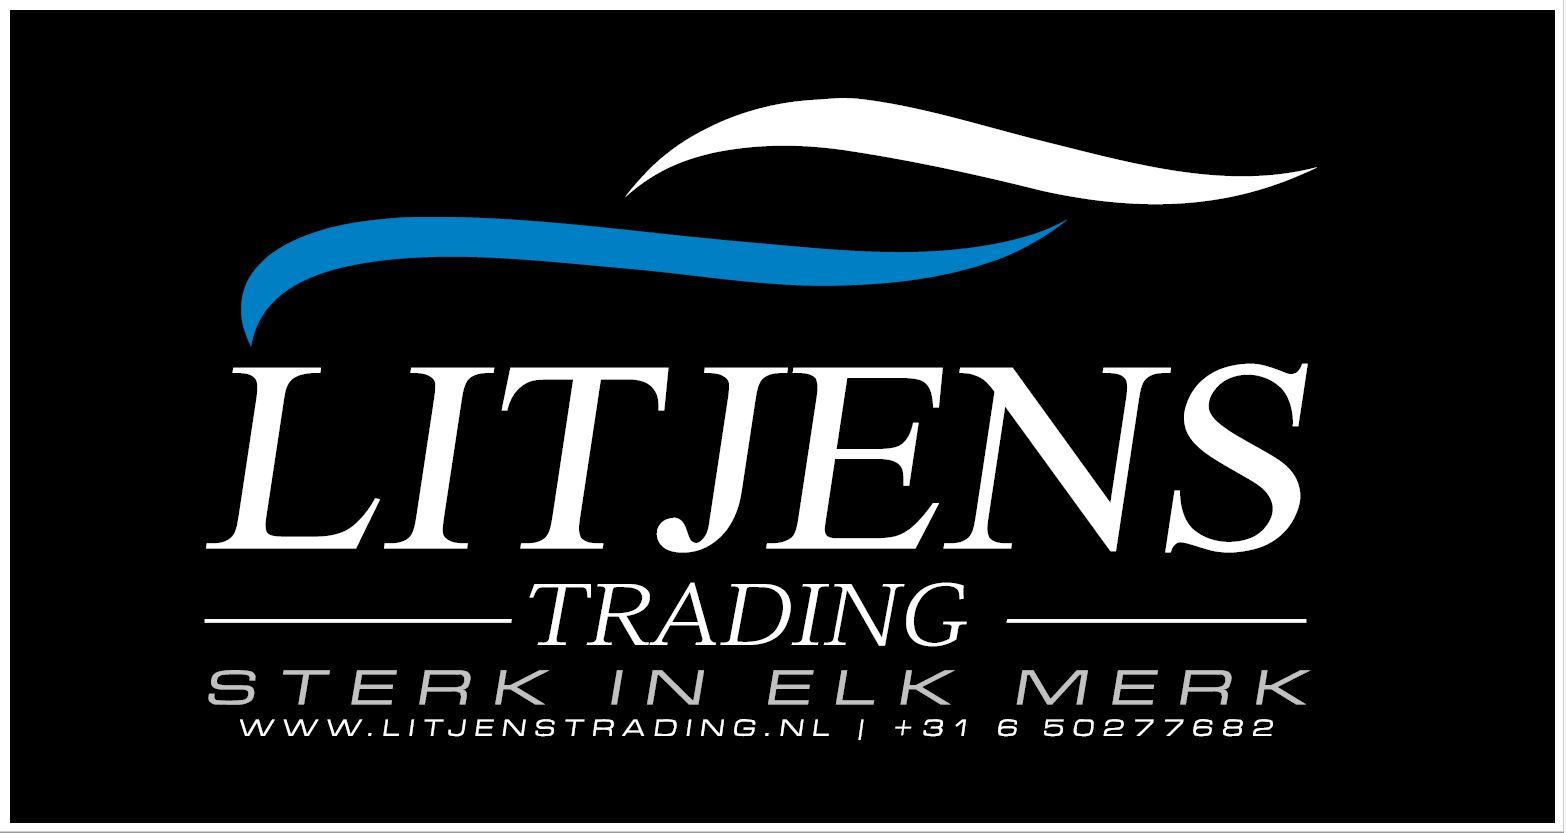 Litjens Trading